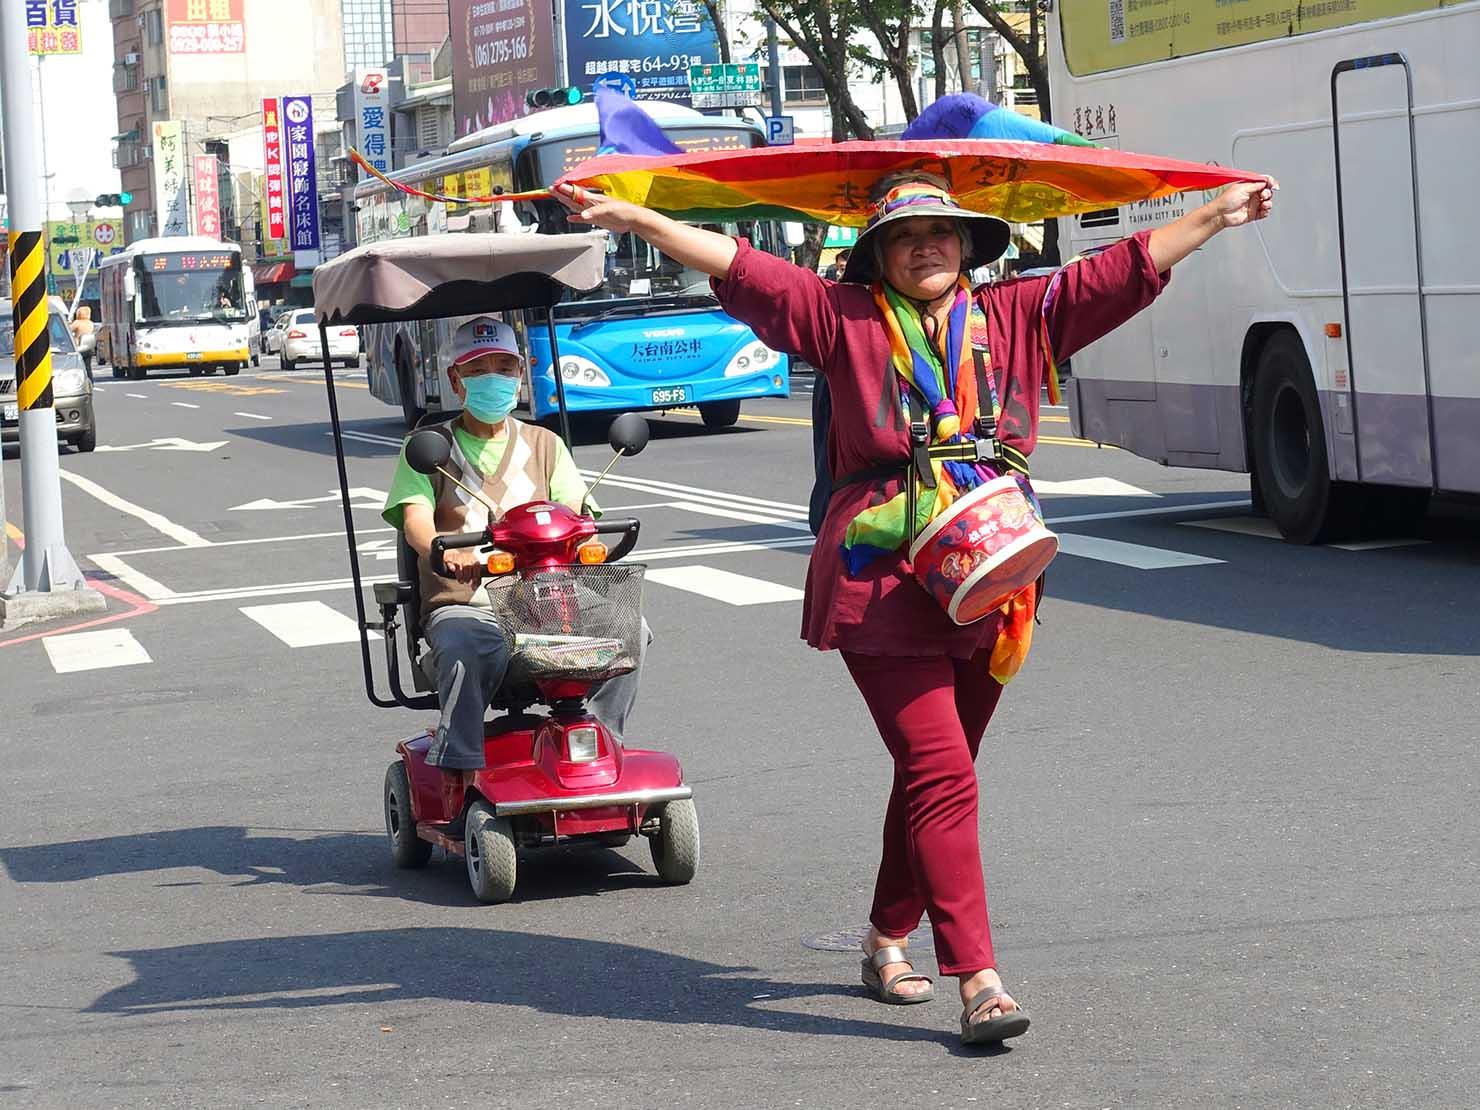 2018年台湾最初のLGBTプライド「台南彩虹遊行(台南レインボーパレード)」でレインボーフラッグ掲げて歩く女性